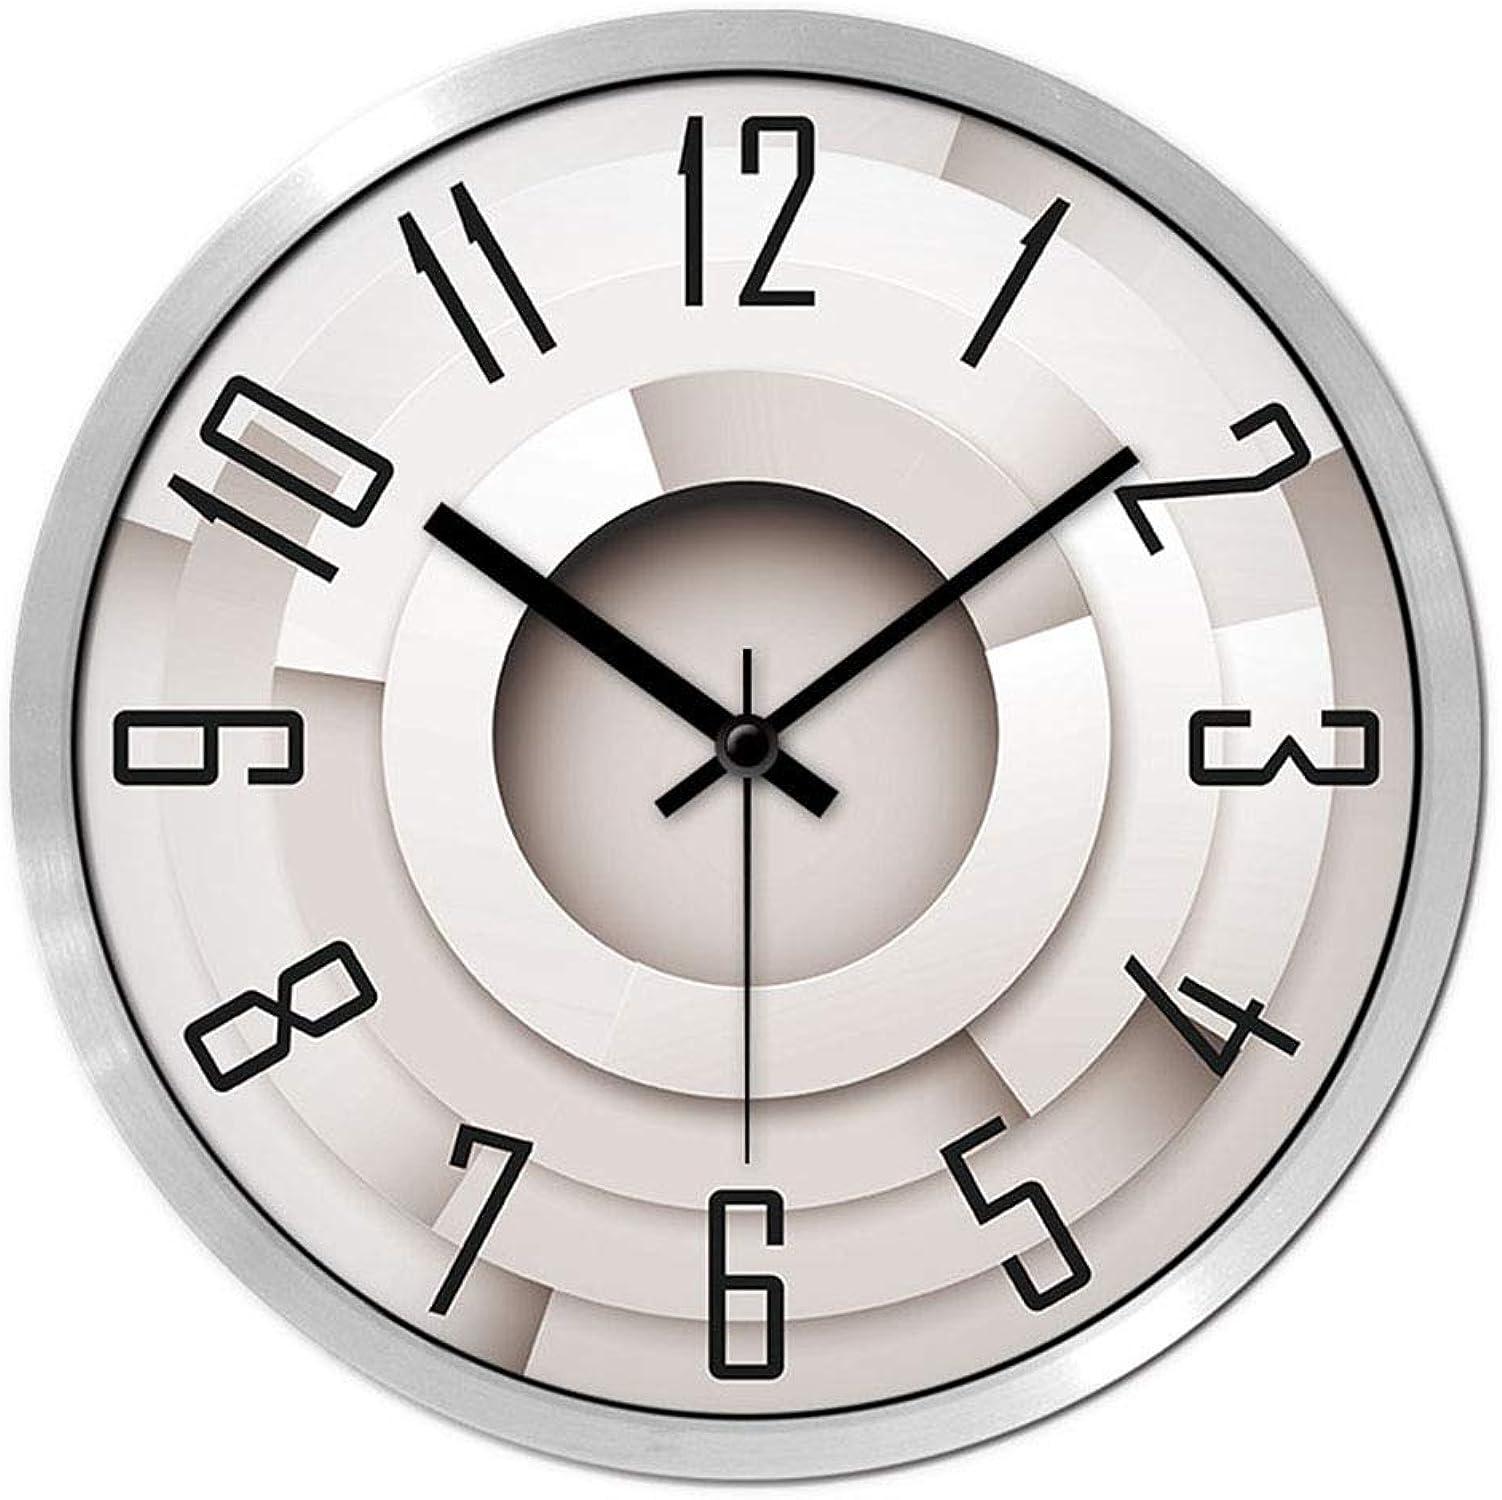 hasta un 65% de descuento SMC Personalidad y Moda Moda Moda Creatividad Moderno Minimalista Reloj Atmosférico Dormitorio silencioso Oficina Escuela Salón Decoración Reloj de Parojo (Color   plata, tamao   35X35cm)  cómodo